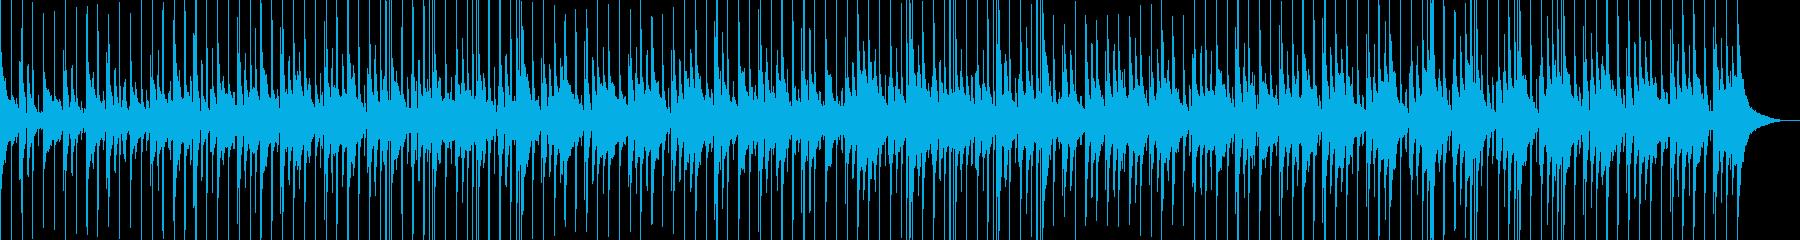 ハッピーでミッドテンポのインストゥ...の再生済みの波形